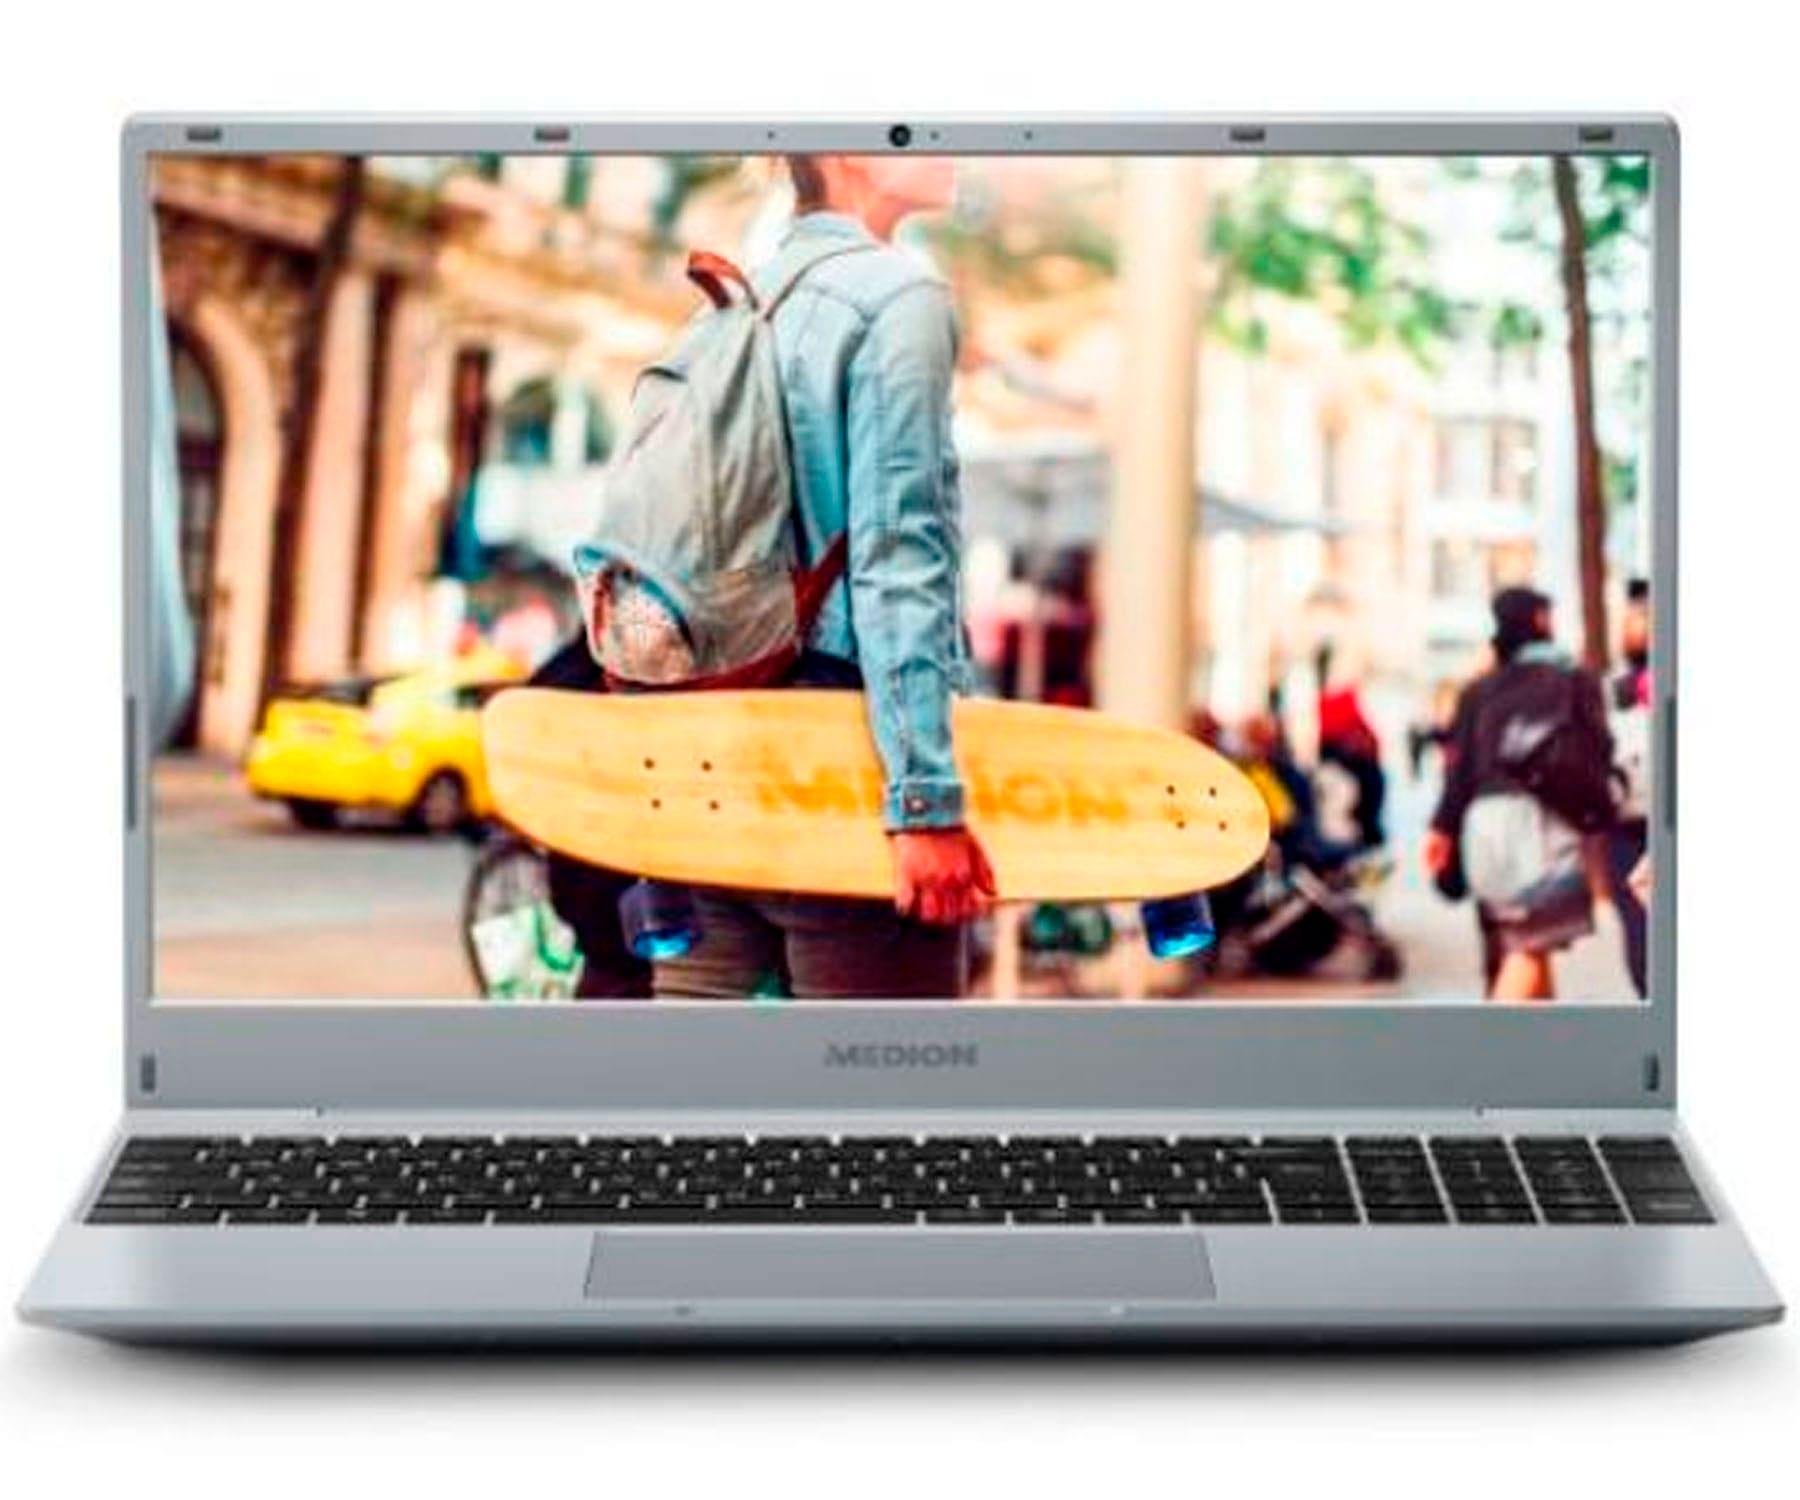 MEDION AKOYA E15301-MD62018 AMD RYZEN 3 3200U/8GB/256GB SSD/15.6'' FullHD/PLATA/FREEDOS